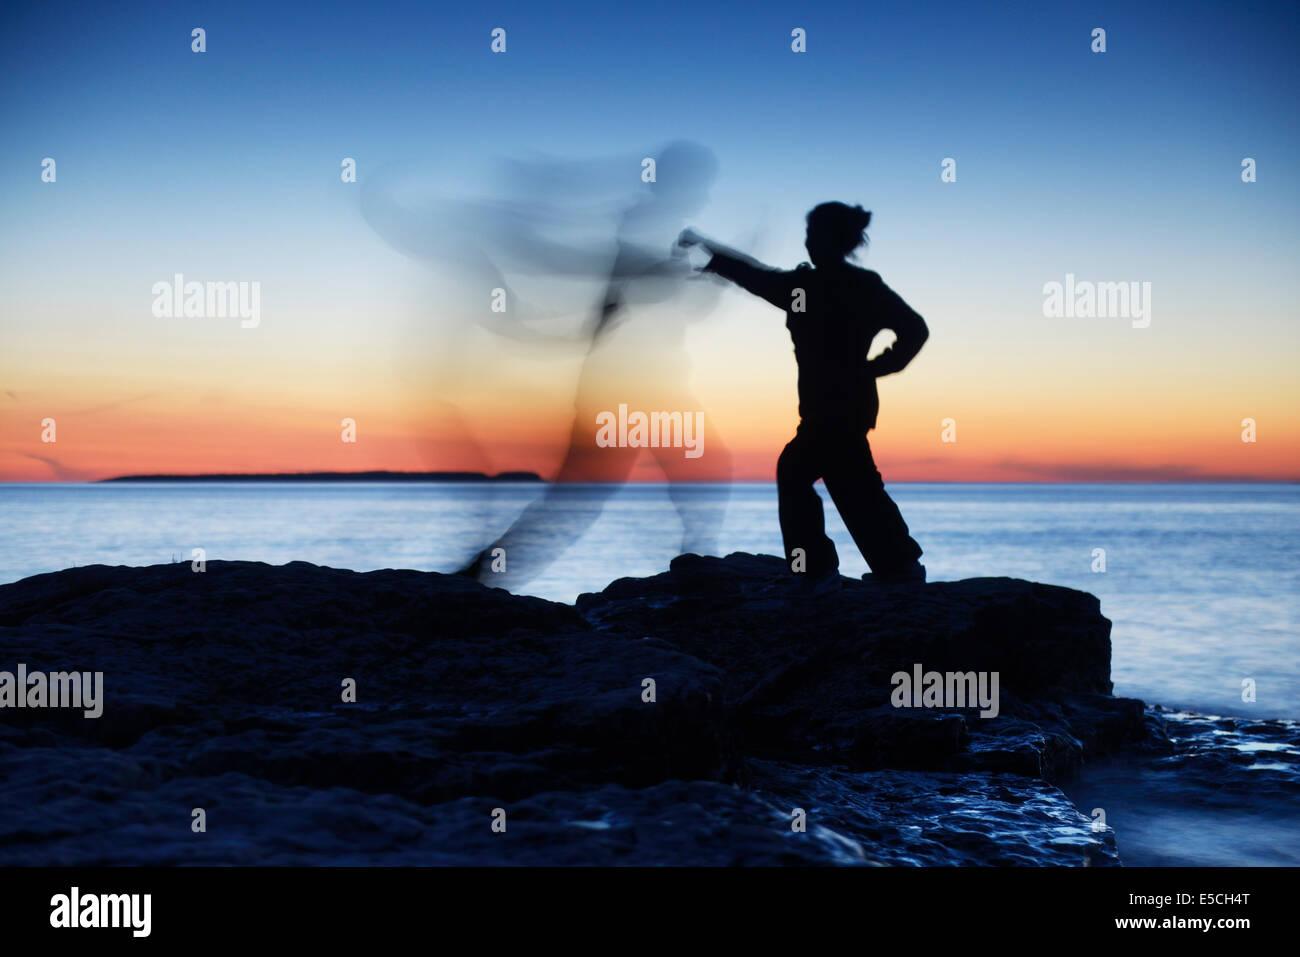 Angriff auf einen Geist Schatten eines Mannes Frau verwischt Silhouette über bunte Dämmerung Himmel Stockbild